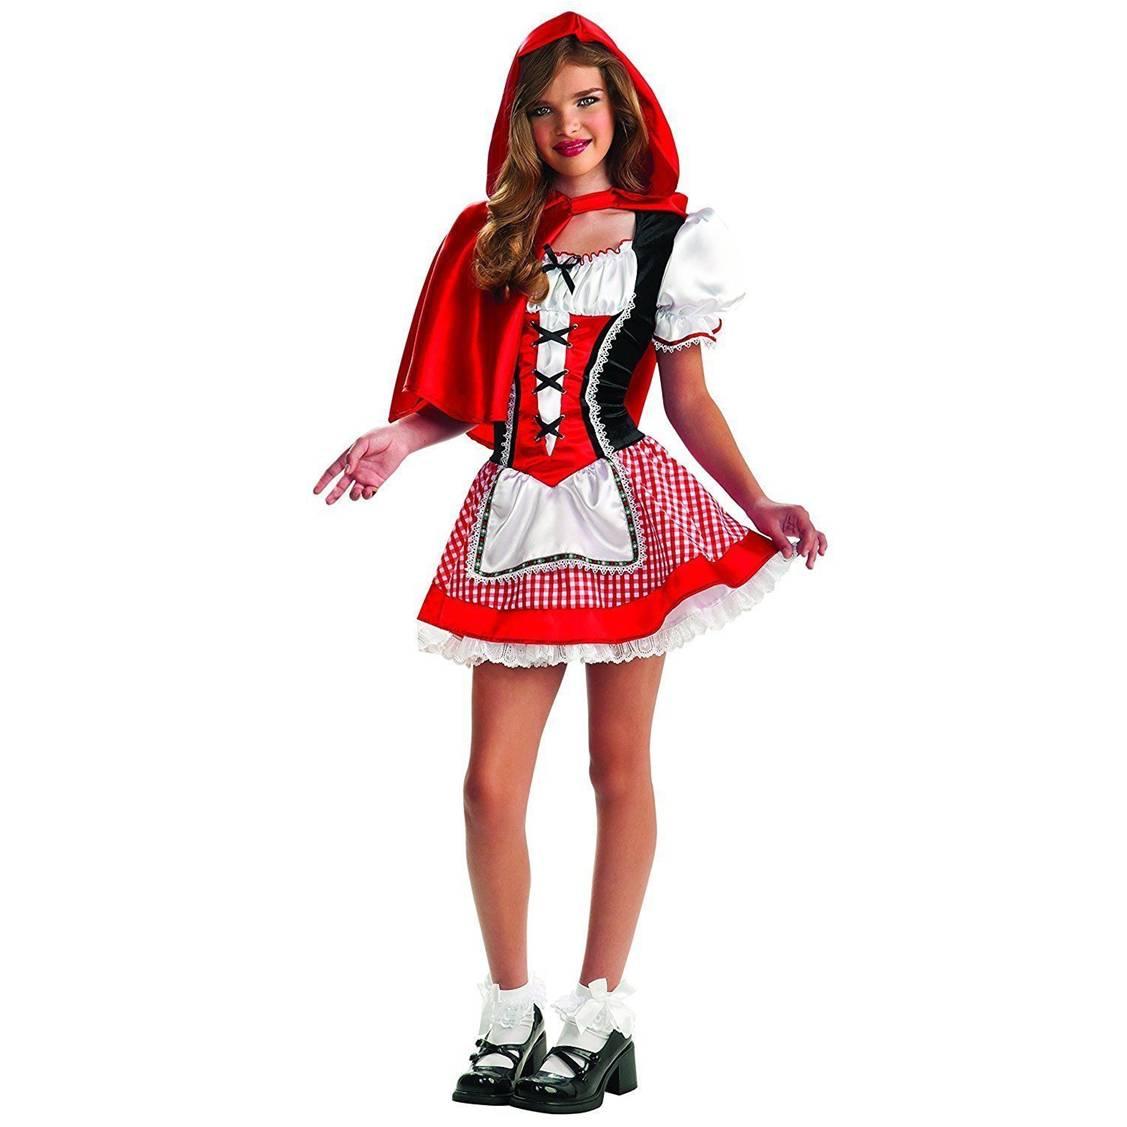 תחפושת כיפה אדומה לנערות – פורים רוביס